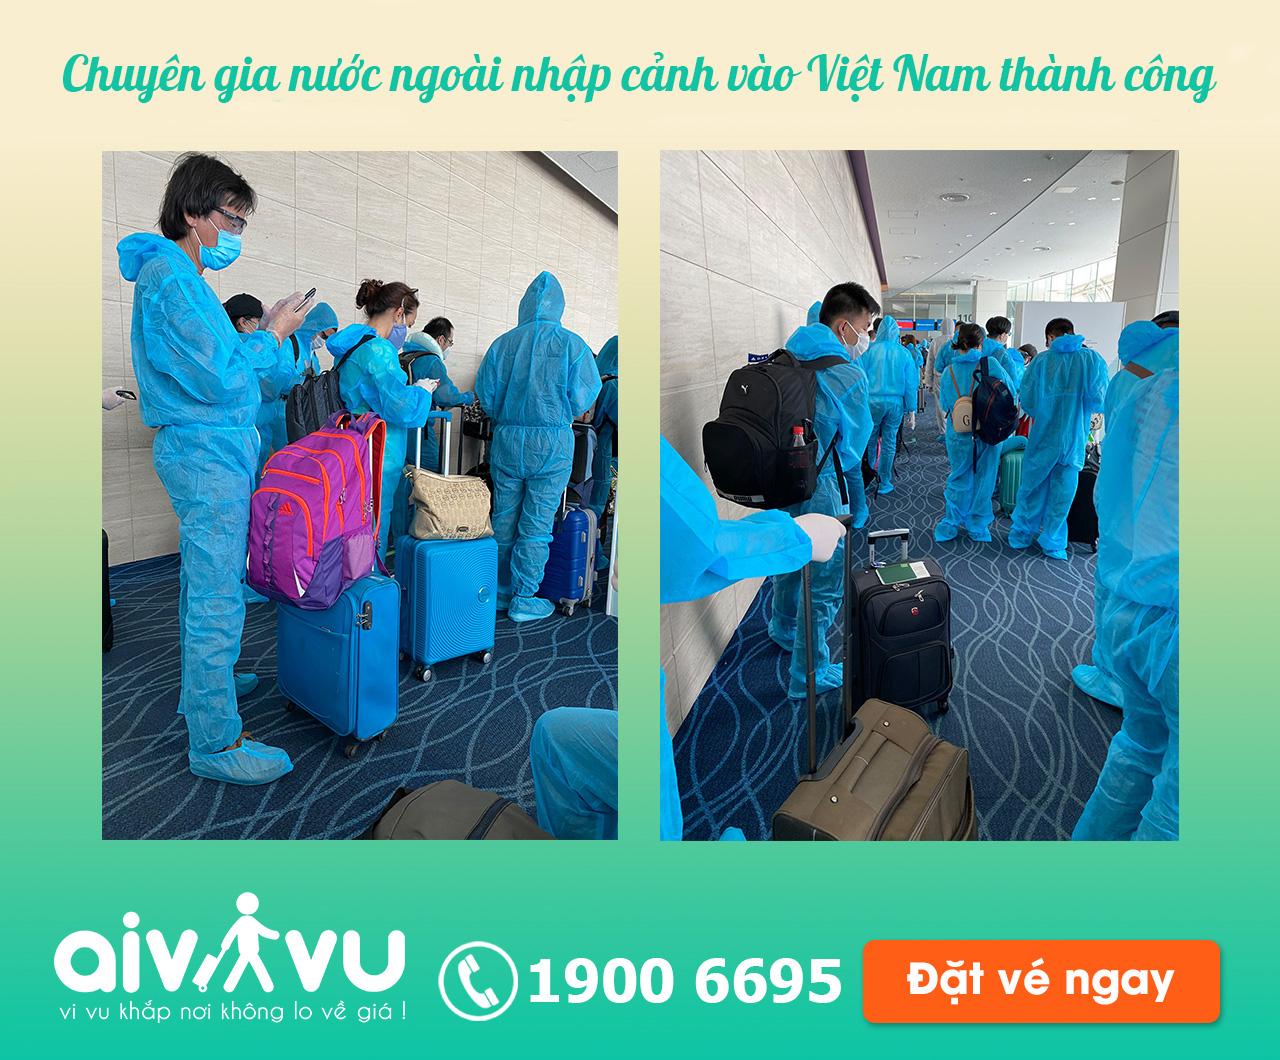 Chuyến bay từ nước ngoài về Việt Nam?